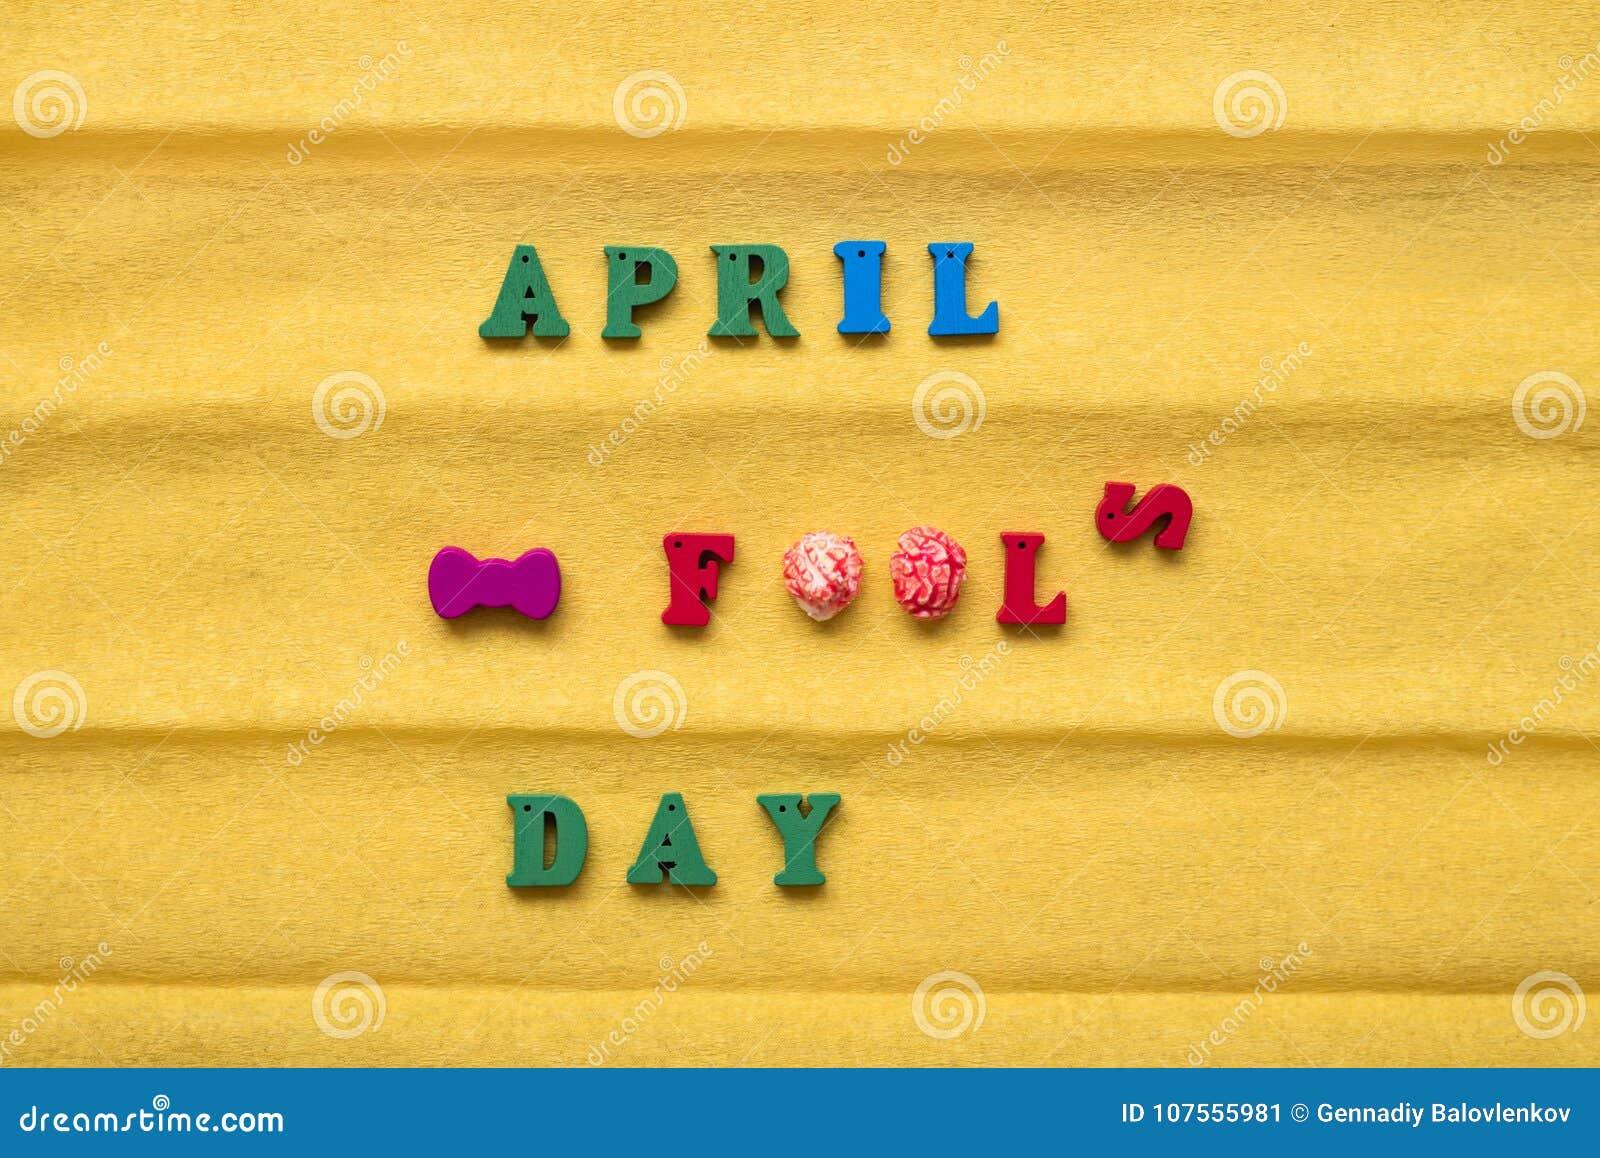 Dia do dia do tolo, inscrição das letras multi-coloridas em um fundo de papel amarelo